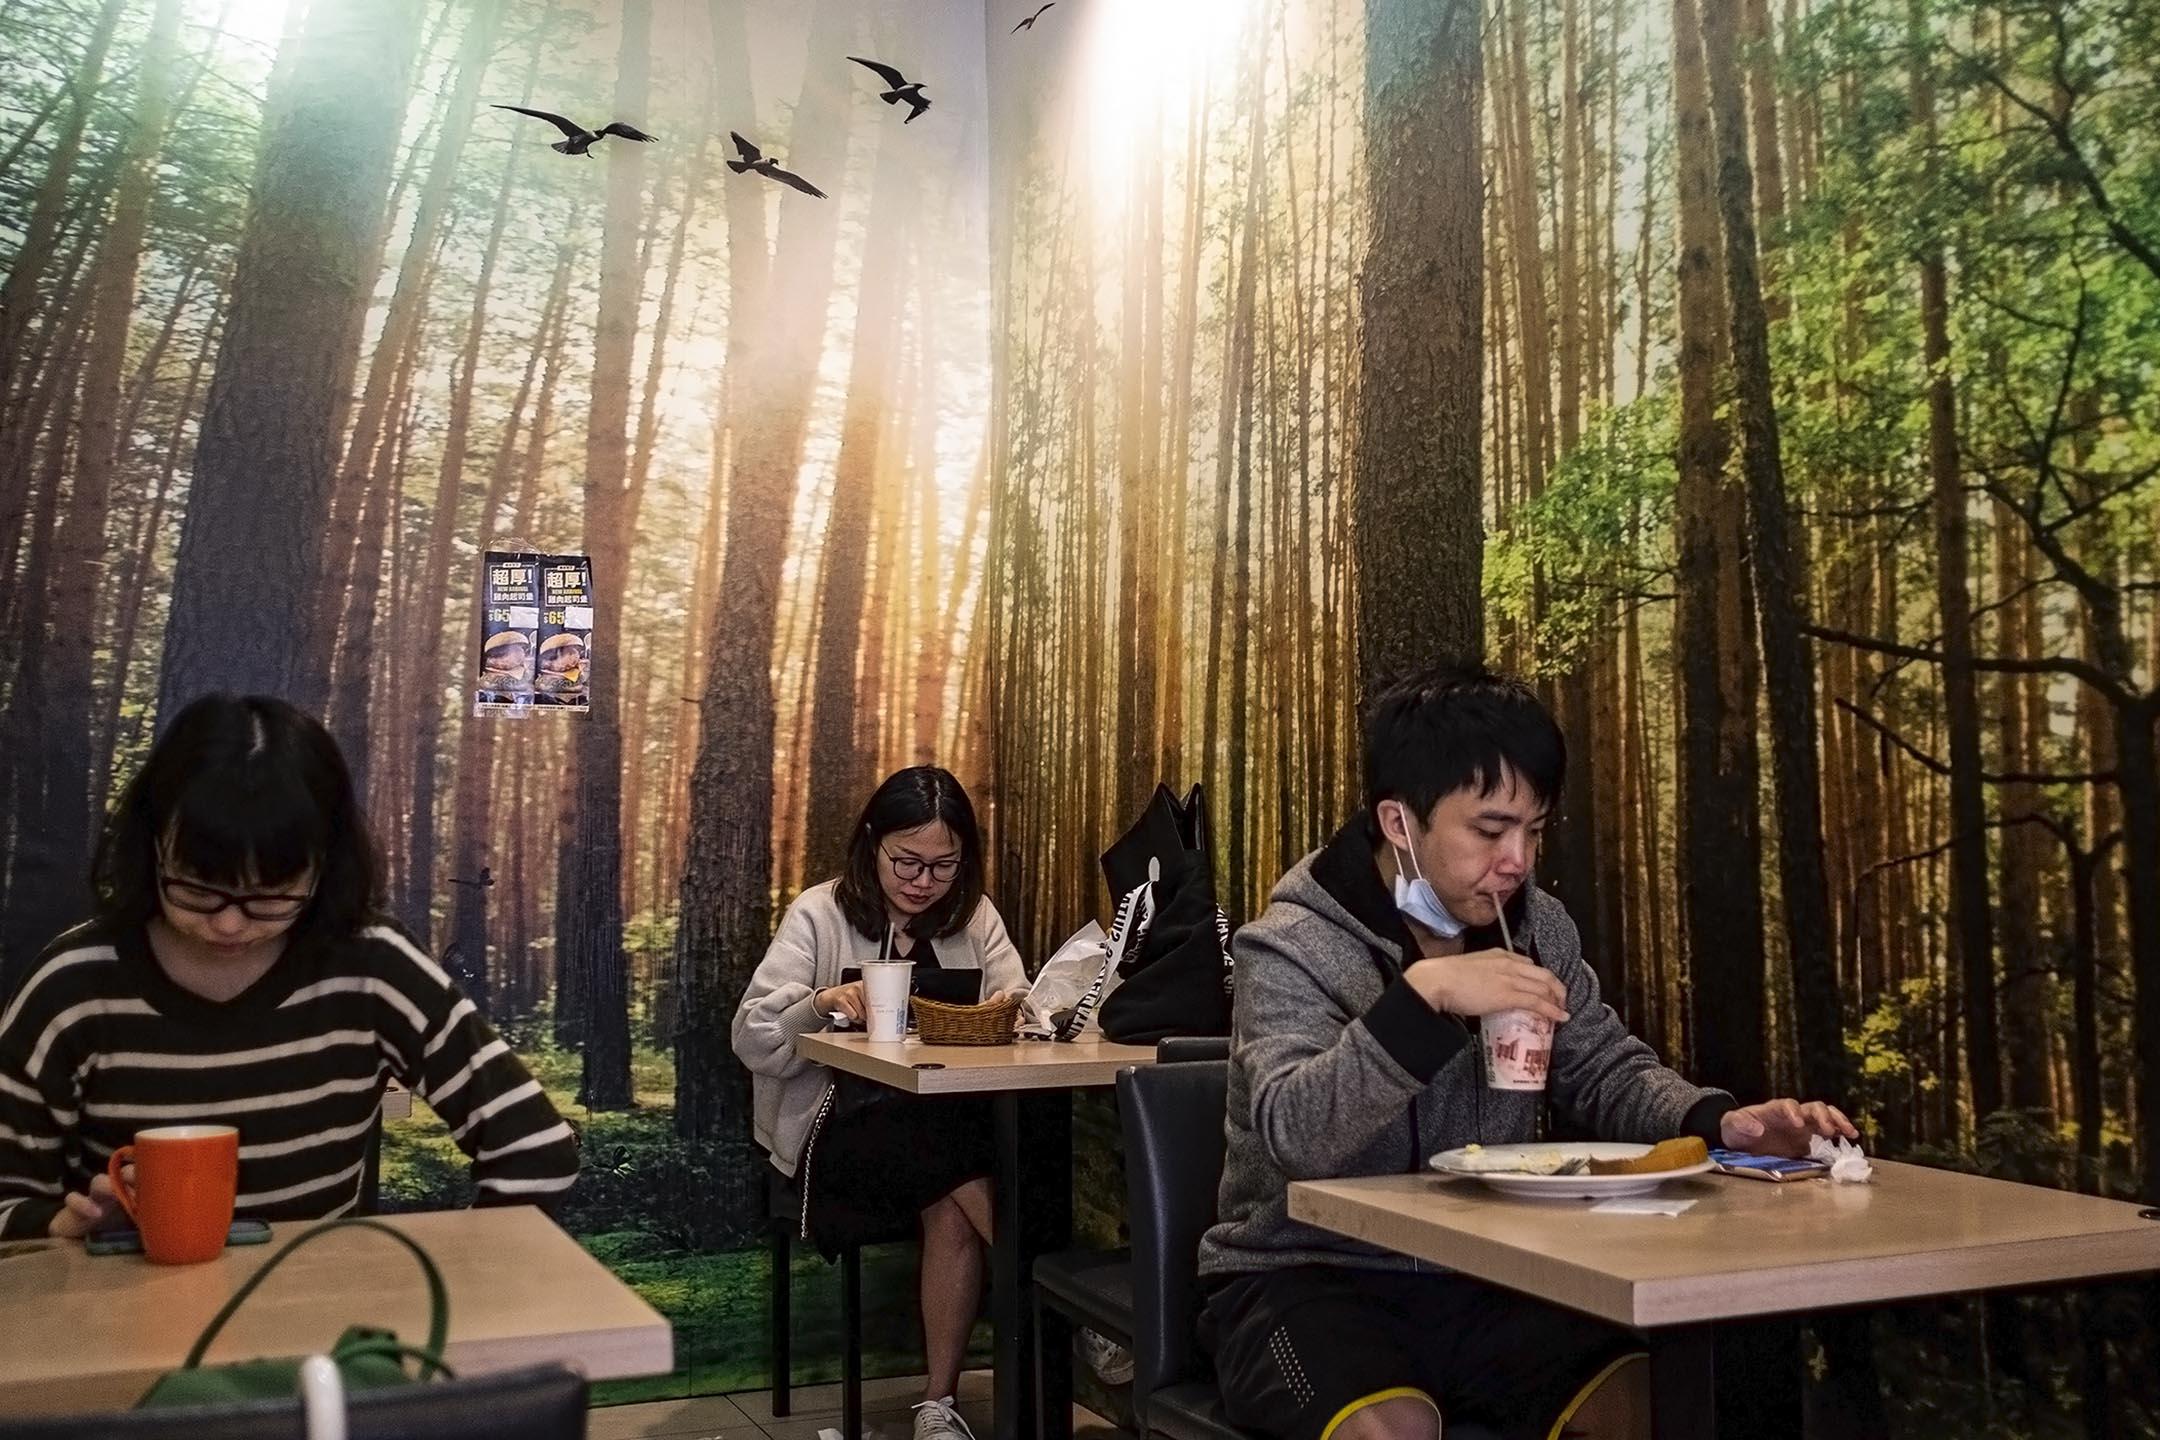 2019年4月27日台灣新店,市民在吃飯時看手機。